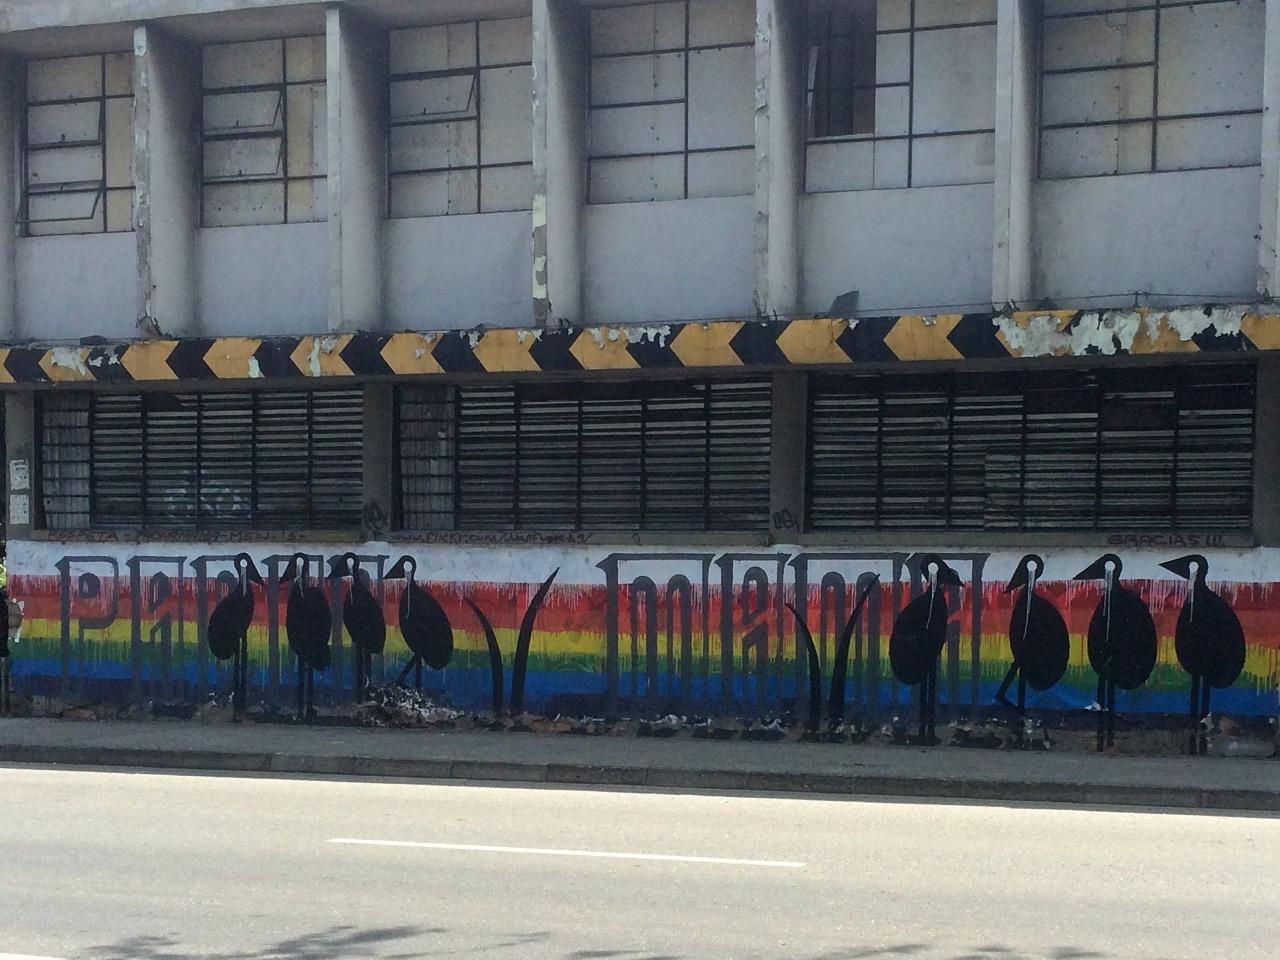 Medellin graffiti